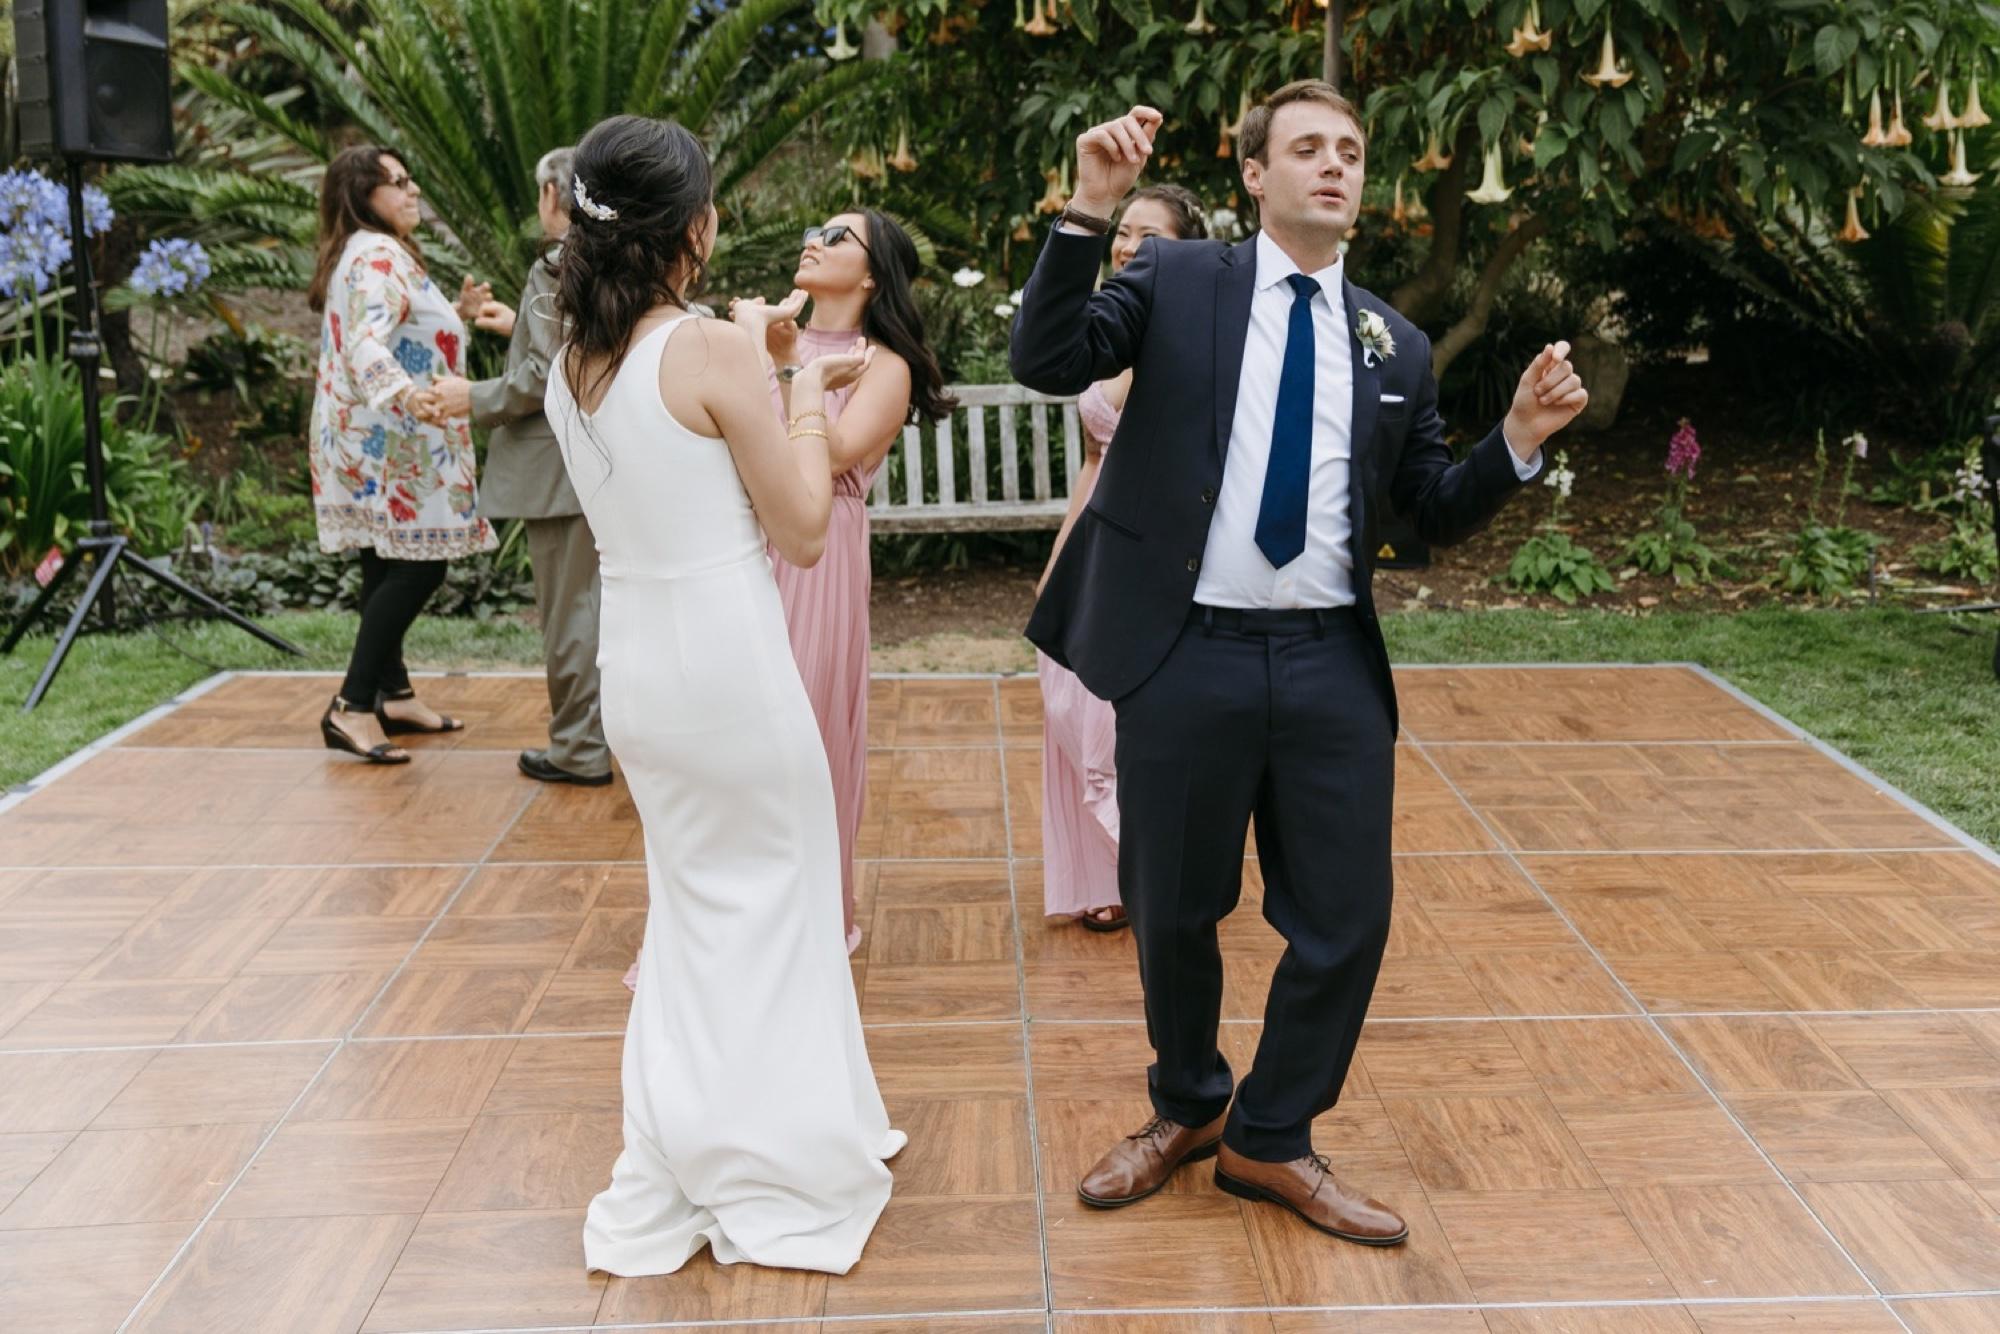 073_Shawna and Steve's Wedding-490.jpg